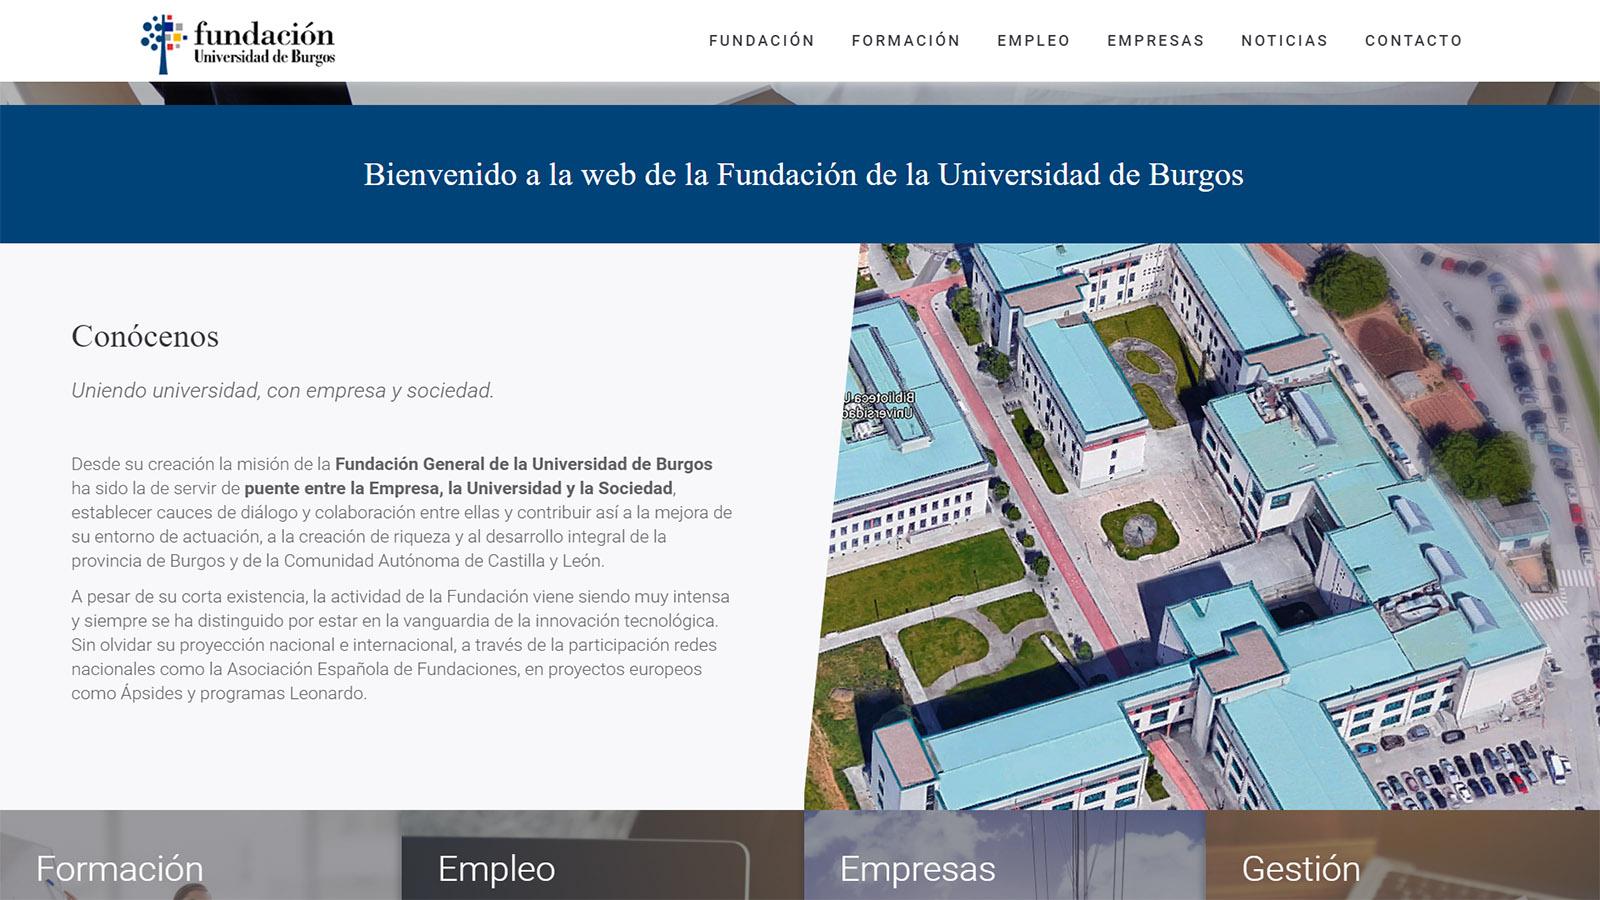 Fundación UBU